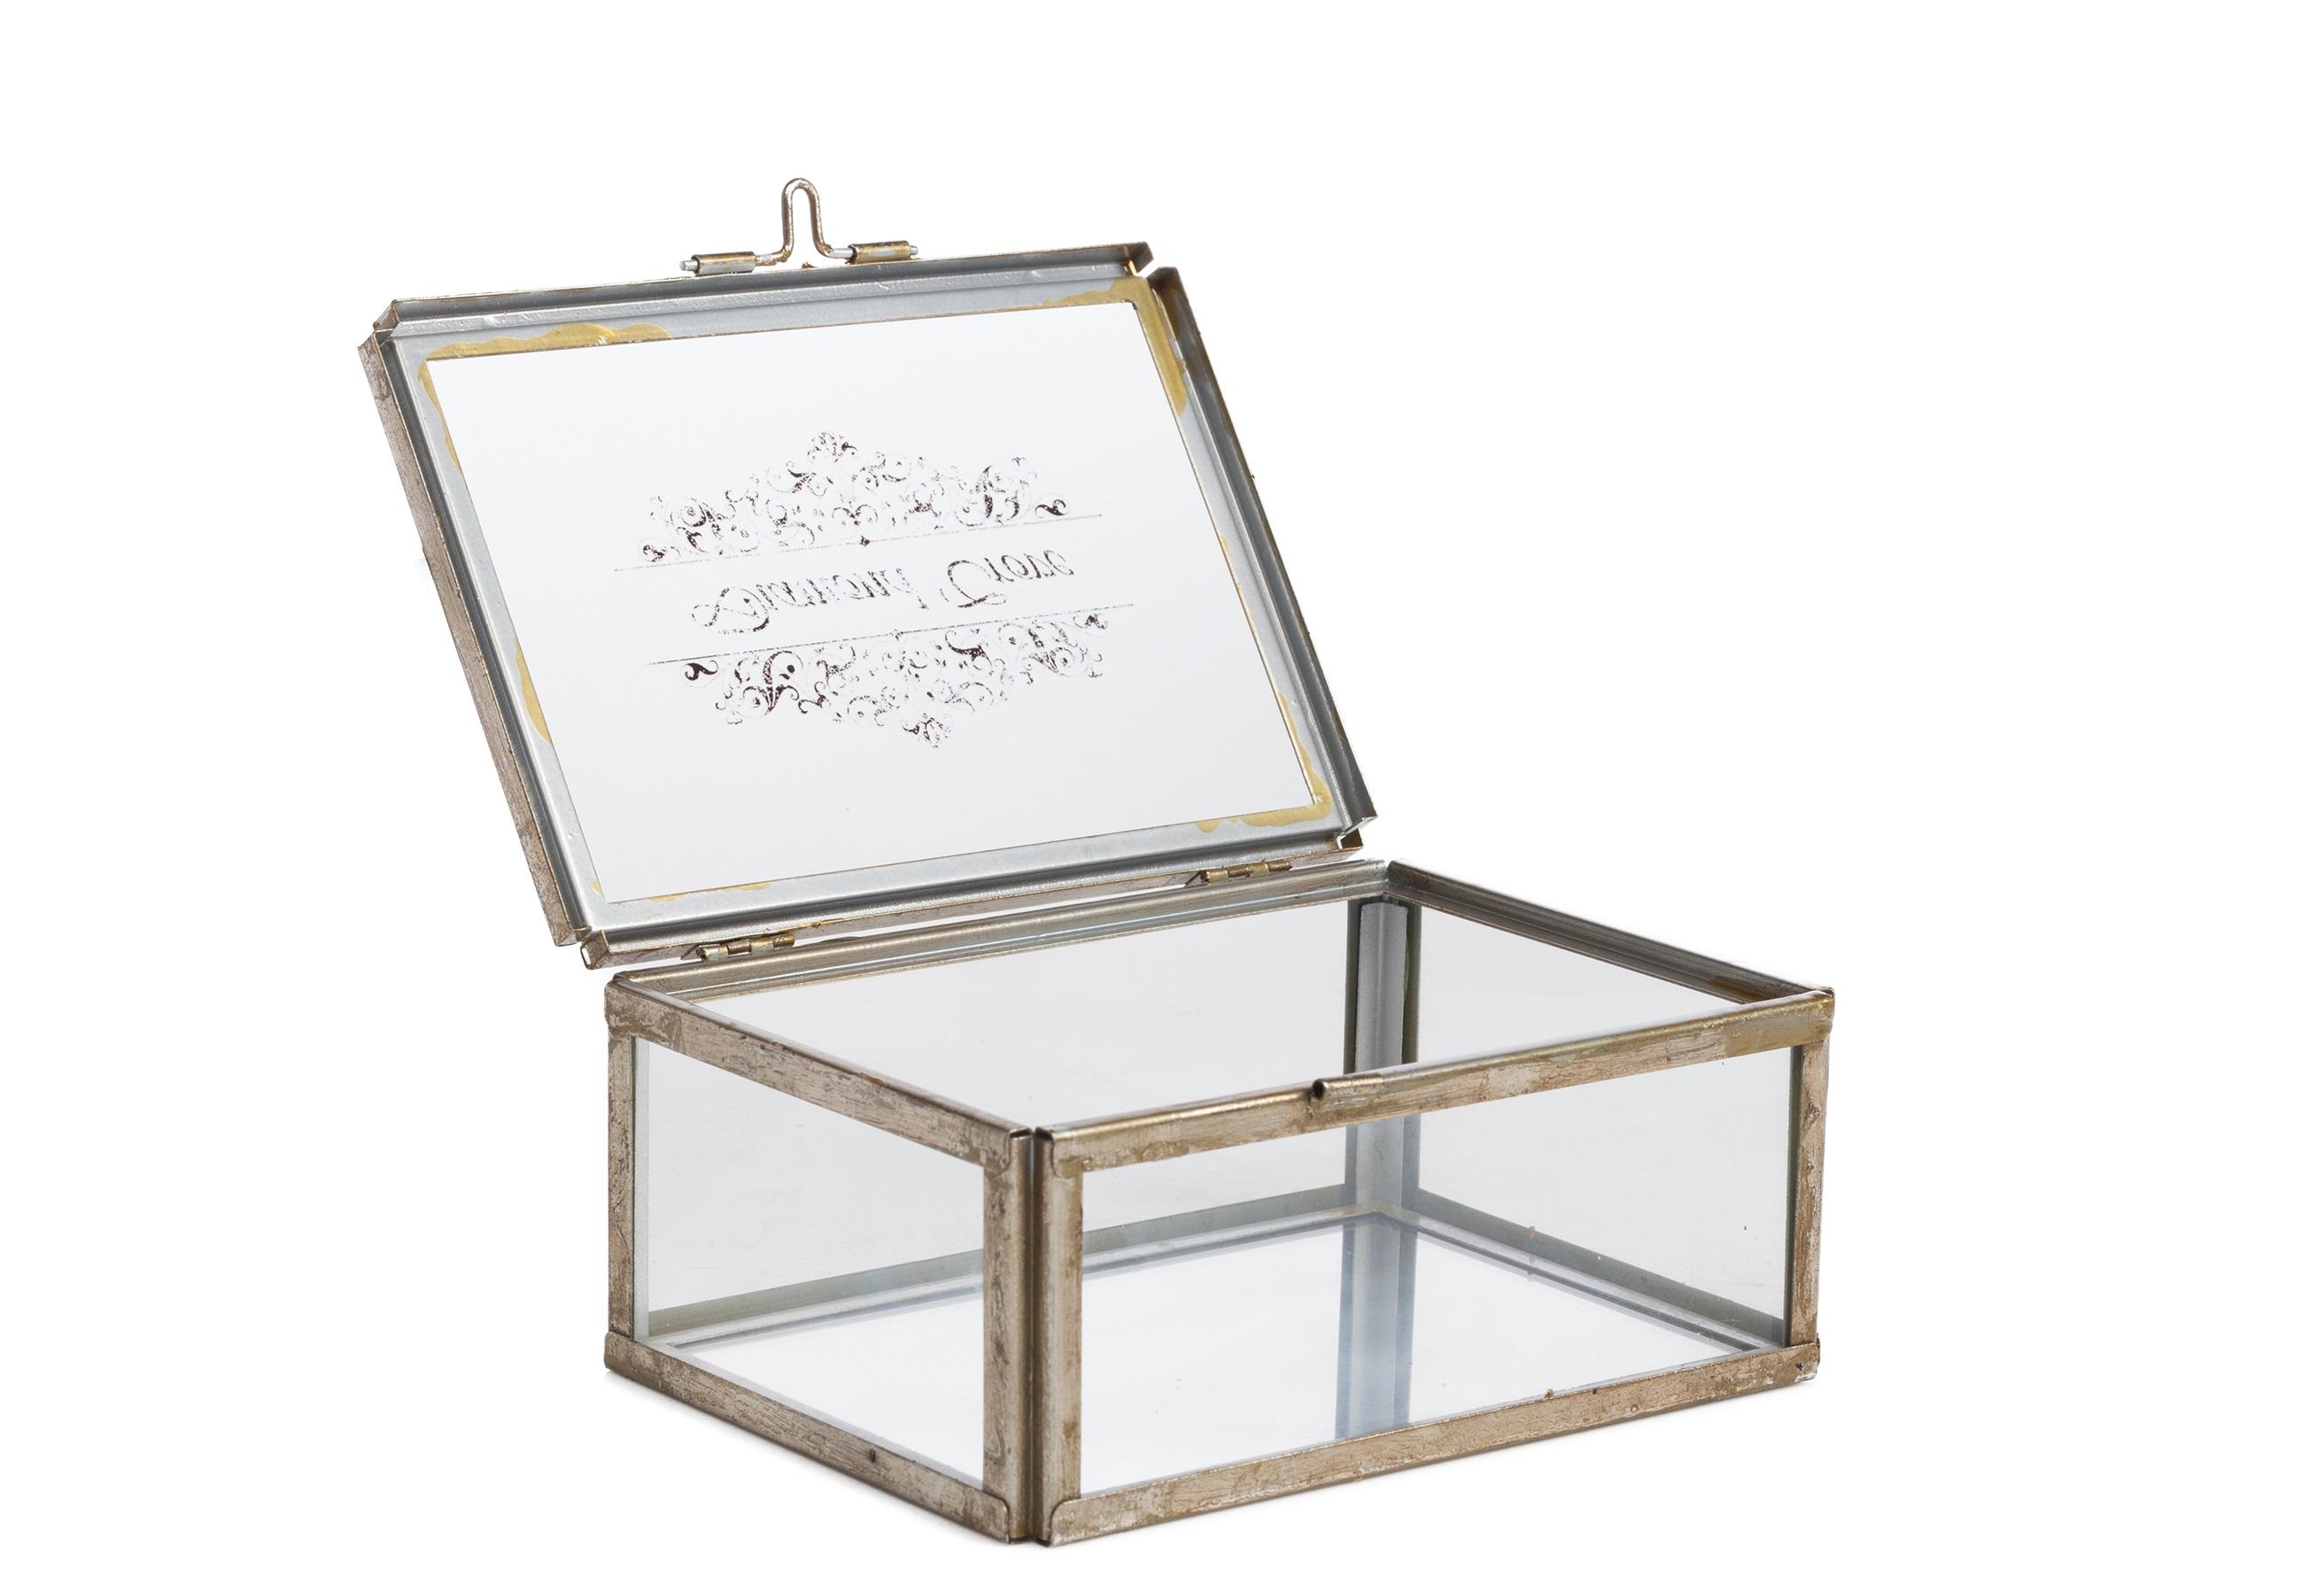 Коробка для ювелирных украшений JuneШкатулки<br>&amp;lt;div&amp;gt;Материал: Стекло, Металл&amp;lt;/div&amp;gt;&amp;lt;div&amp;gt;&amp;lt;br&amp;gt;&amp;lt;/div&amp;gt;<br><br>Material: Металл<br>Ширина см: 13<br>Высота см: 9<br>Глубина см: 16